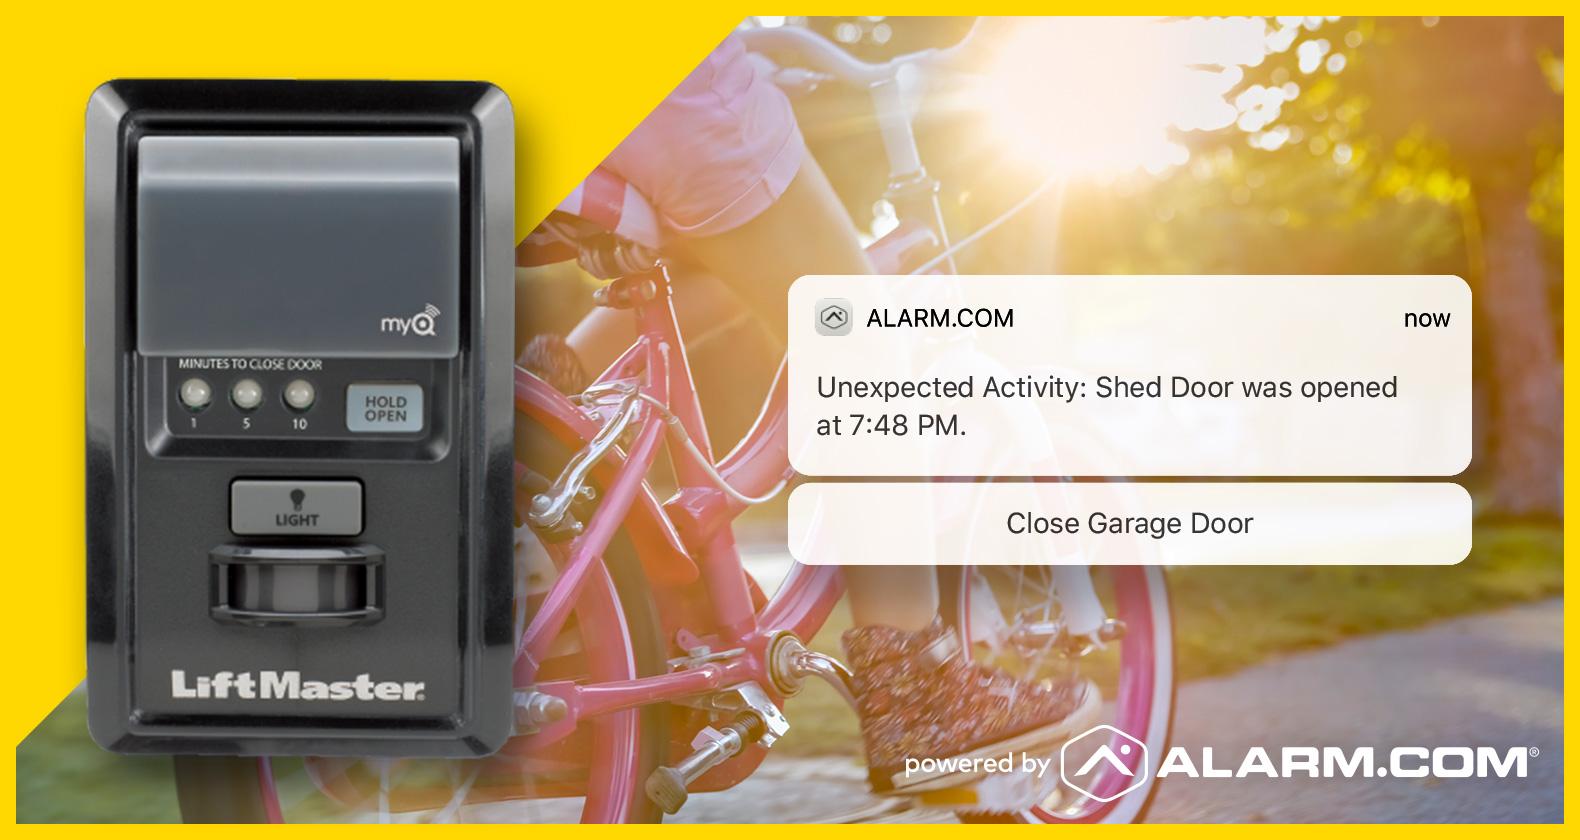 Outdoor Home Security Garage.jpg